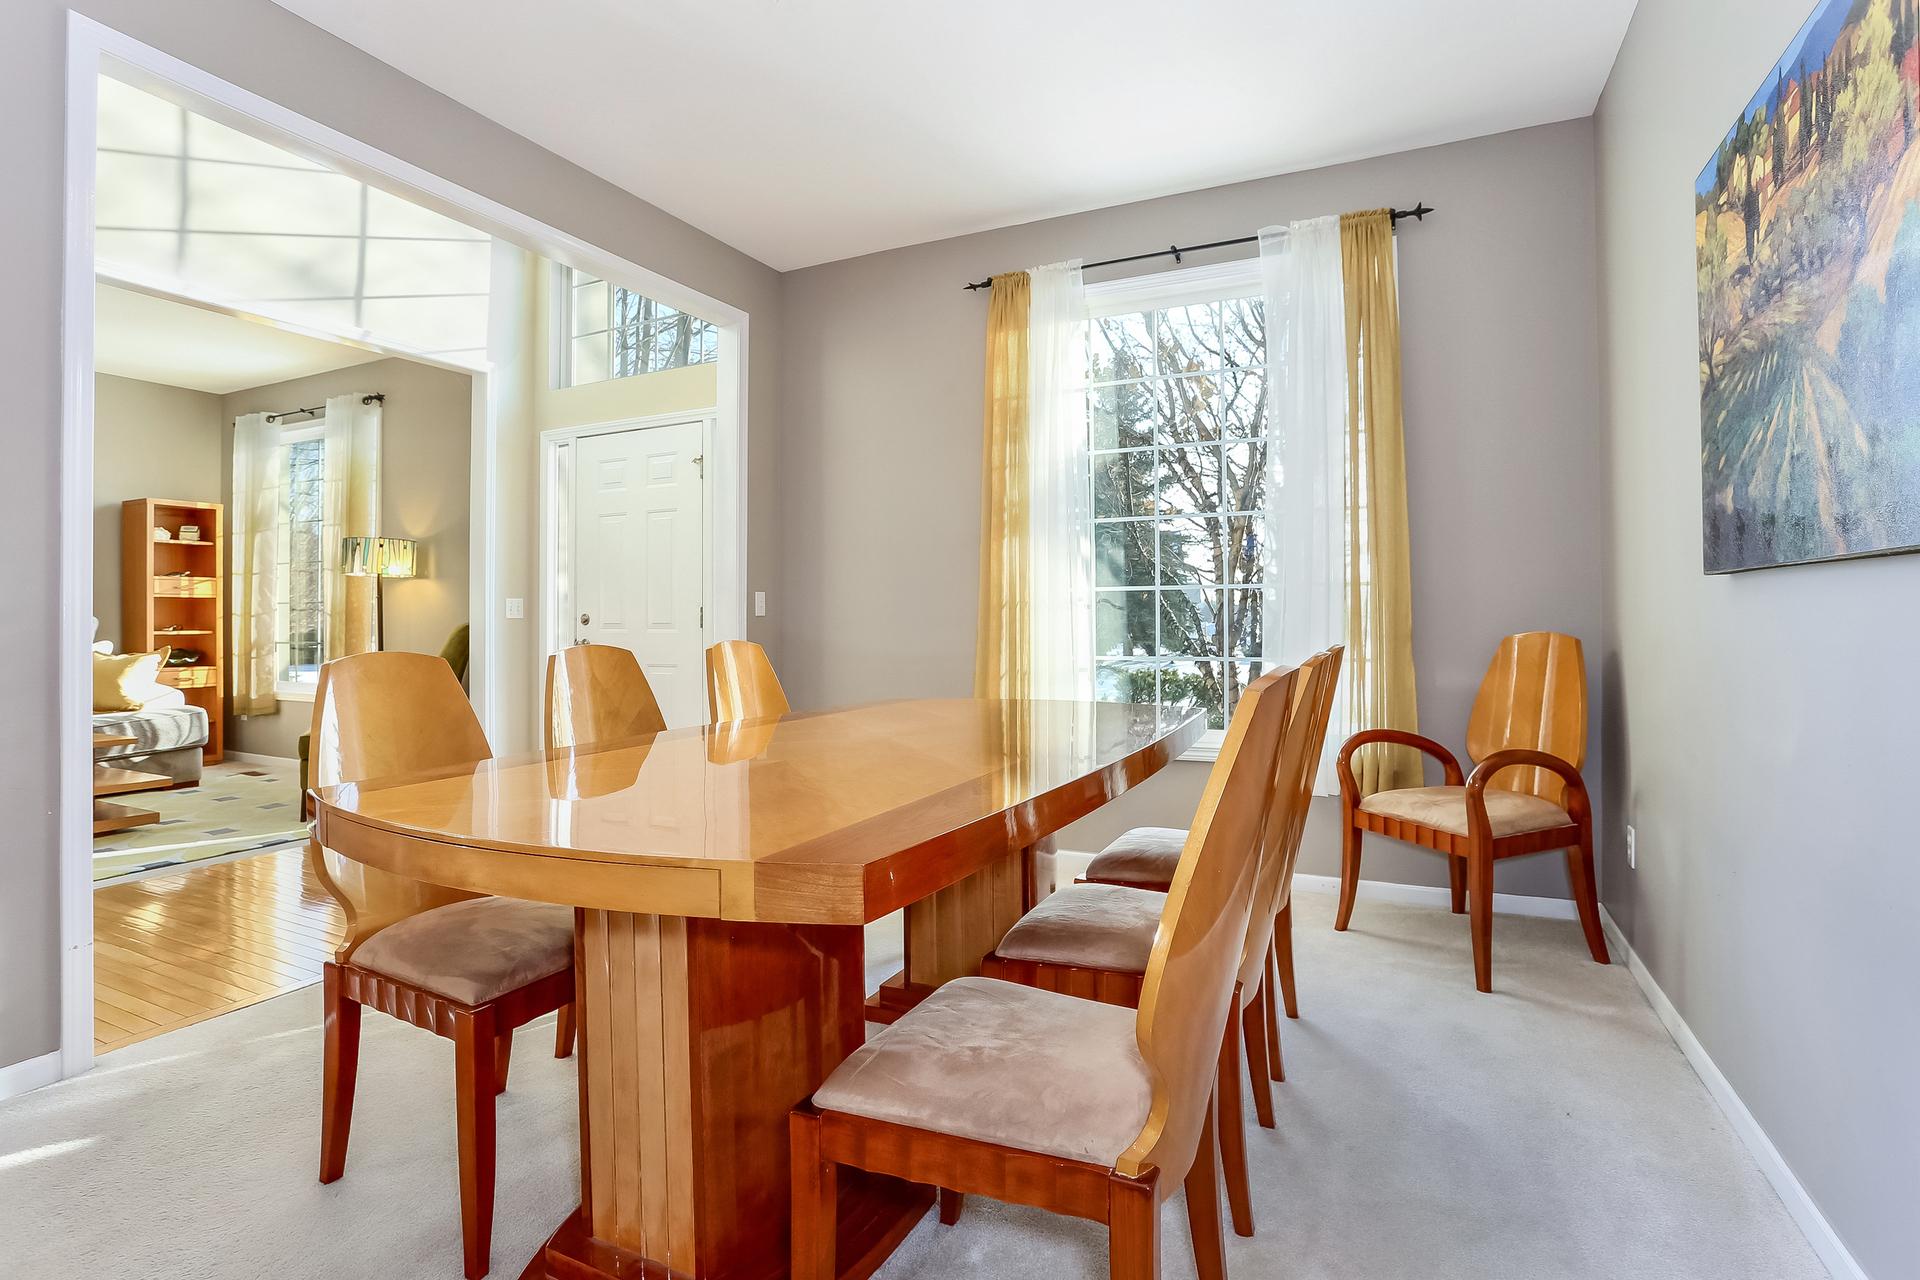 013-Dining_Room-5199972-medium.jpg